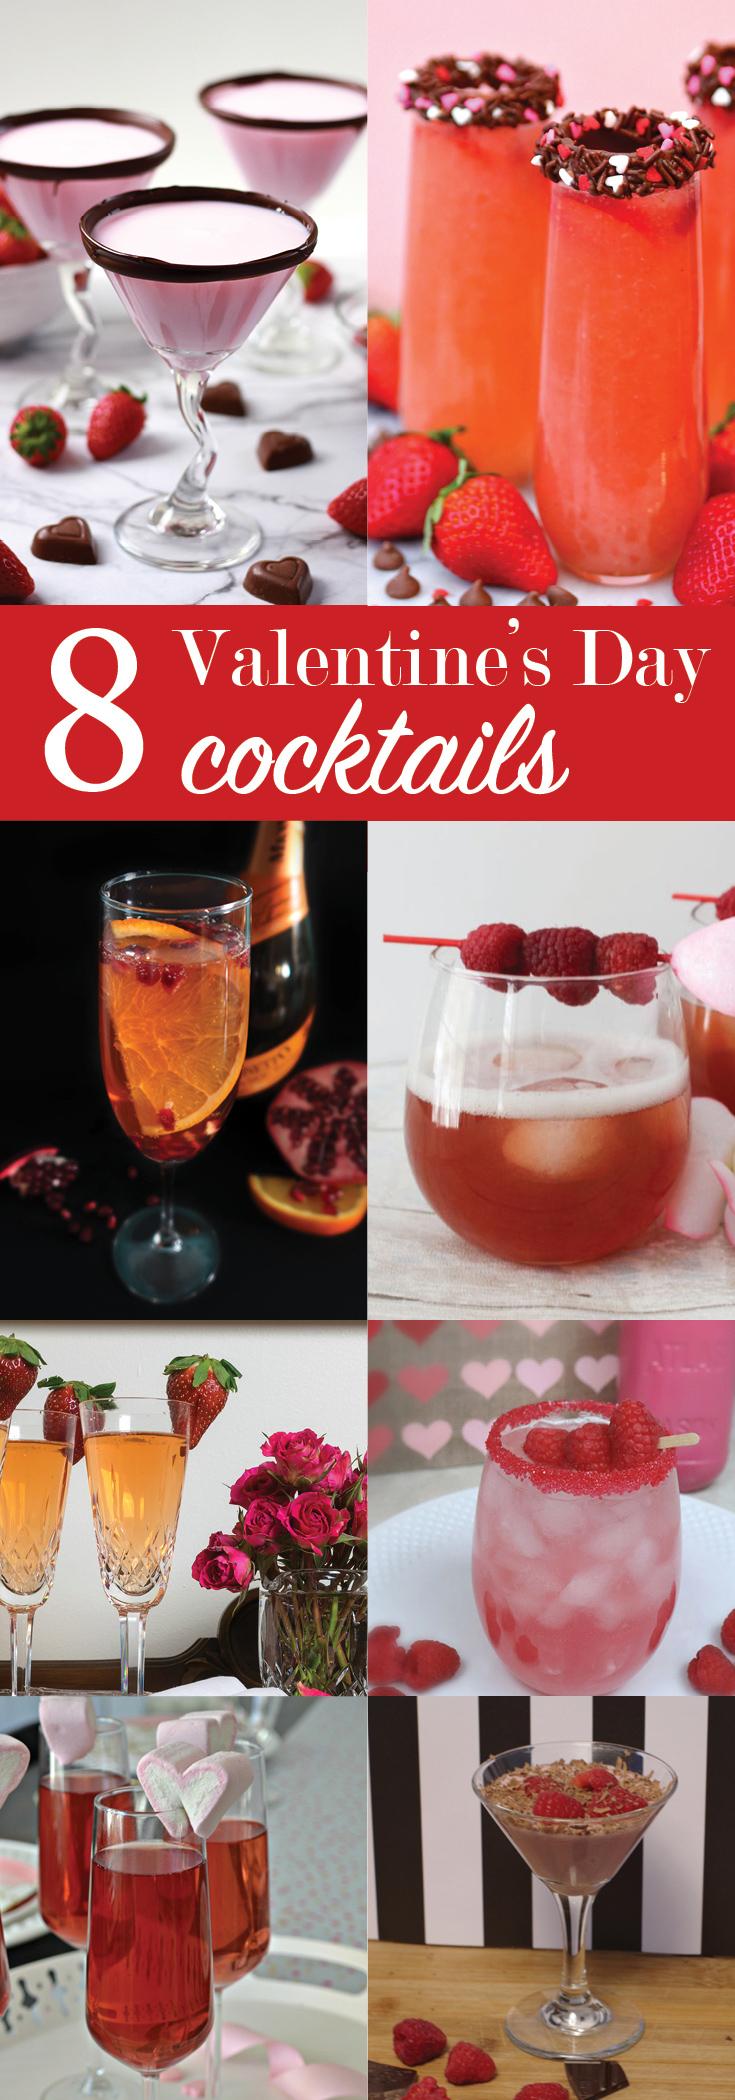 8 Valentine's Day Cocktails